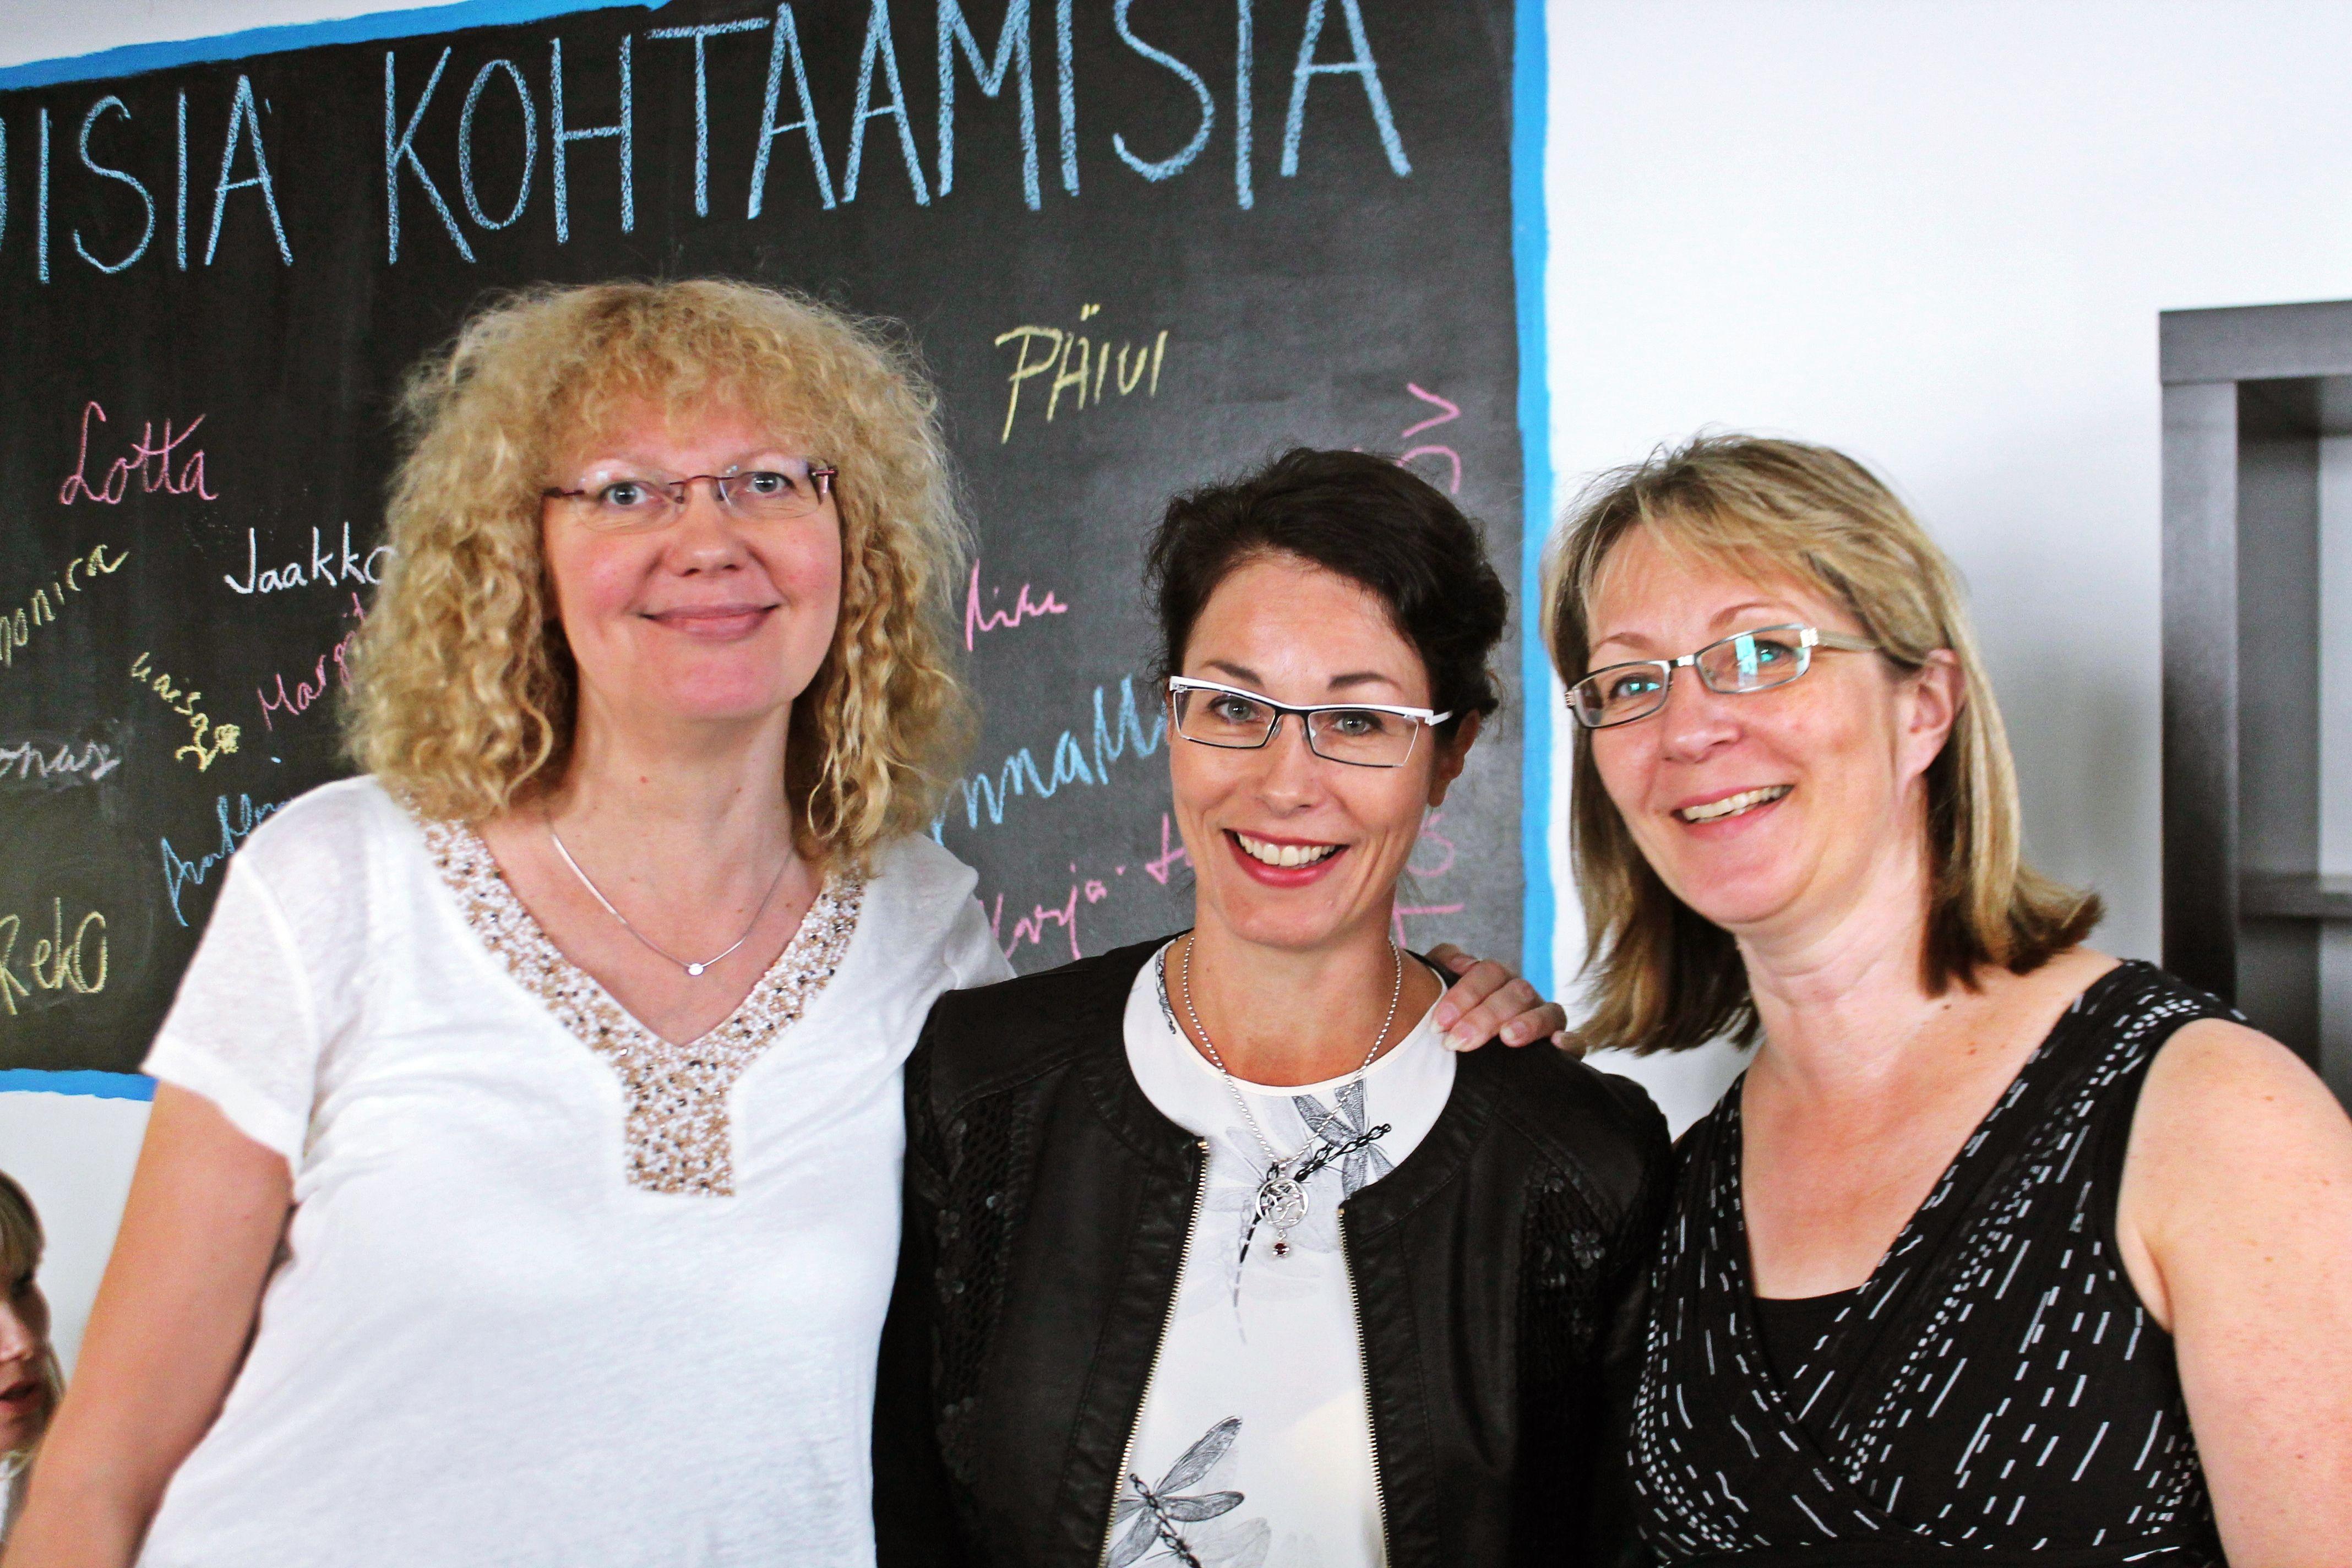 Kuntoutussäätiön asiantuntijat valmiina heittäytymään. Yhteiskuntatieteen alan tohtorit Riikka Shemeikka (vas.), Minna Mattila-Aalto ja Sirpa Mertala suhtautuvat monimutkaistuneen toimintaympäristön haasteisiin mahdollisuuksina. Haasteisiin vastaaminen edellyttää kehittävää mieltä ja innostuneiden kehittämisverkostojen rakentamista. Osaaminen laajenee luomalla uuttaa asiantuntijuutta yhdessä muiden kanssa. 8/2015